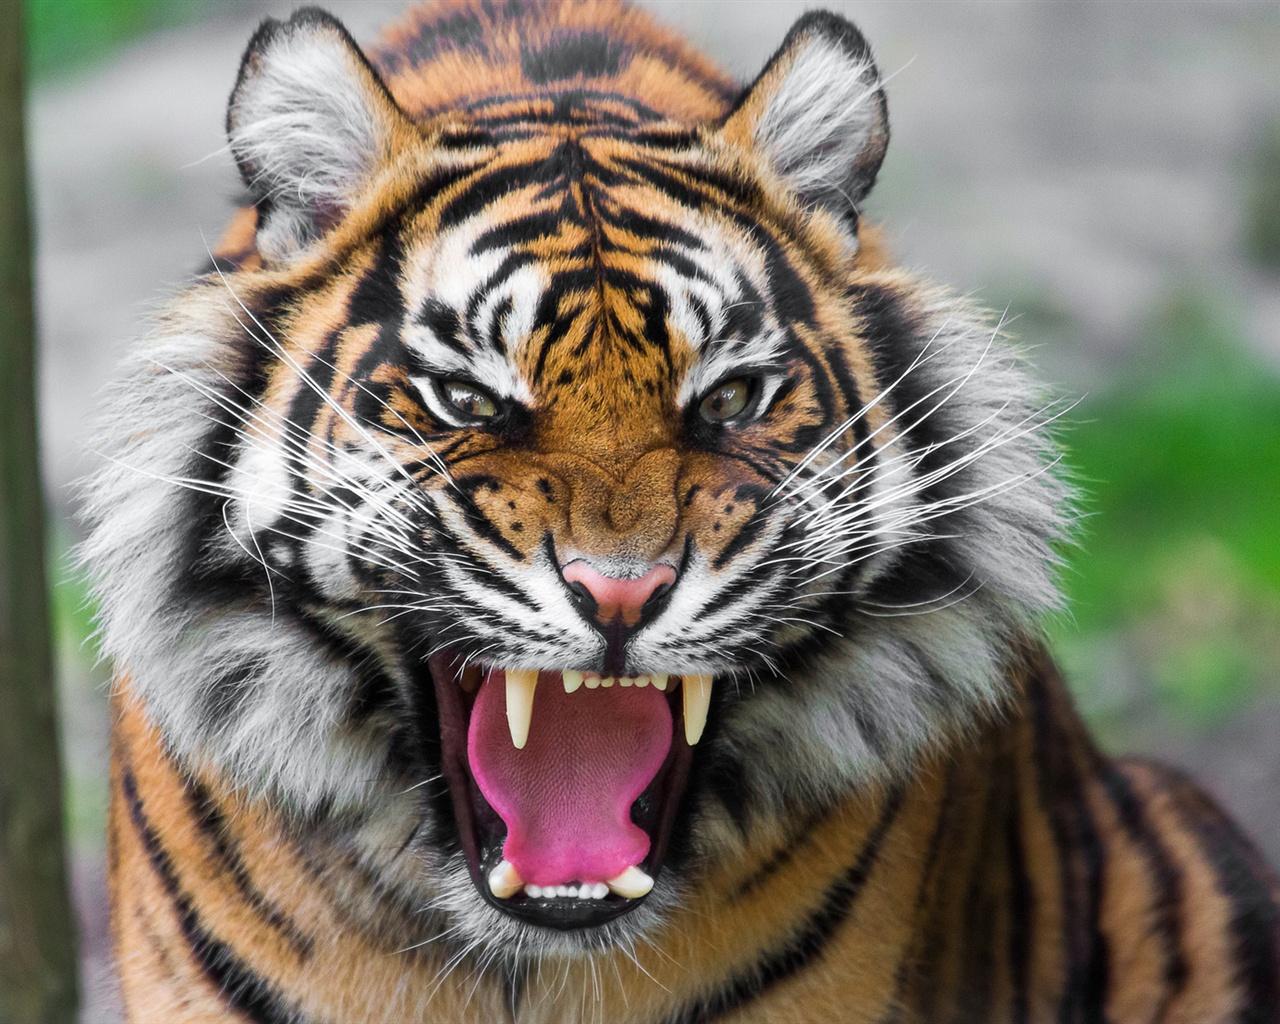 Desktop Hd Tiger Attack Pics: Fondos De Pantalla Feroz Tigre 1920x1200 HD Imagen